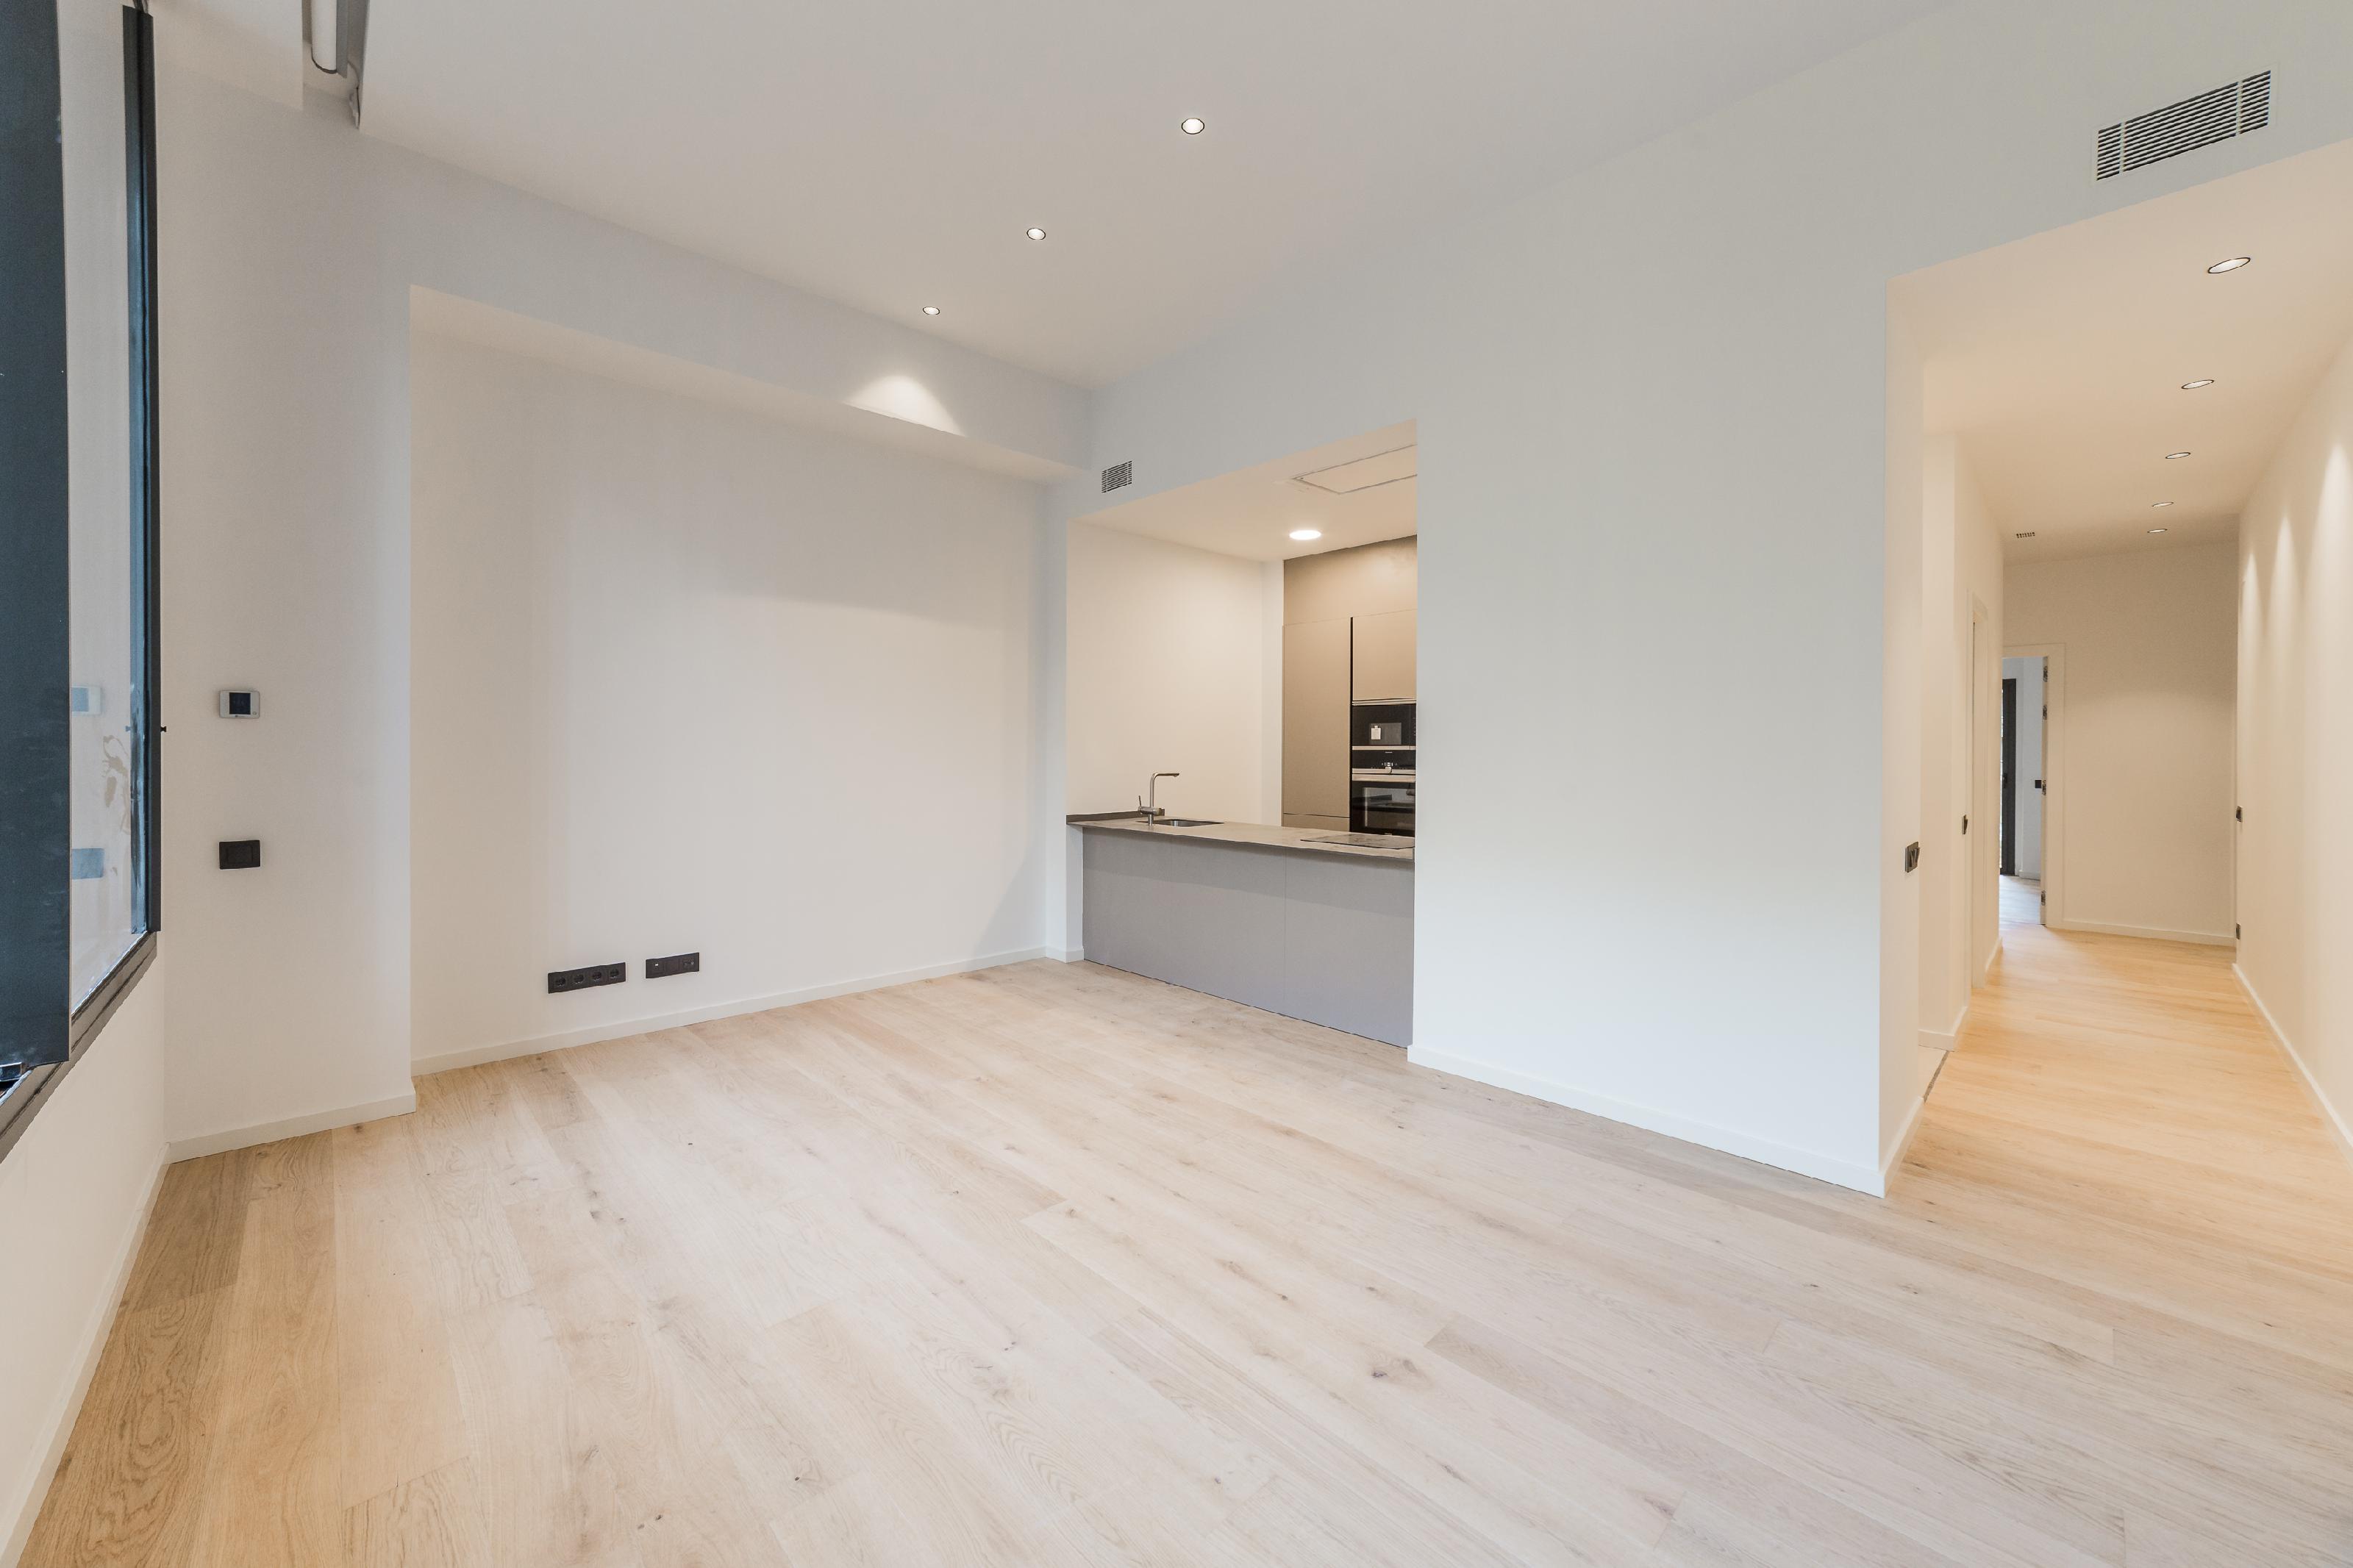 251949 Apartment for sale in Eixample, Antiga Esquerre Eixample 7